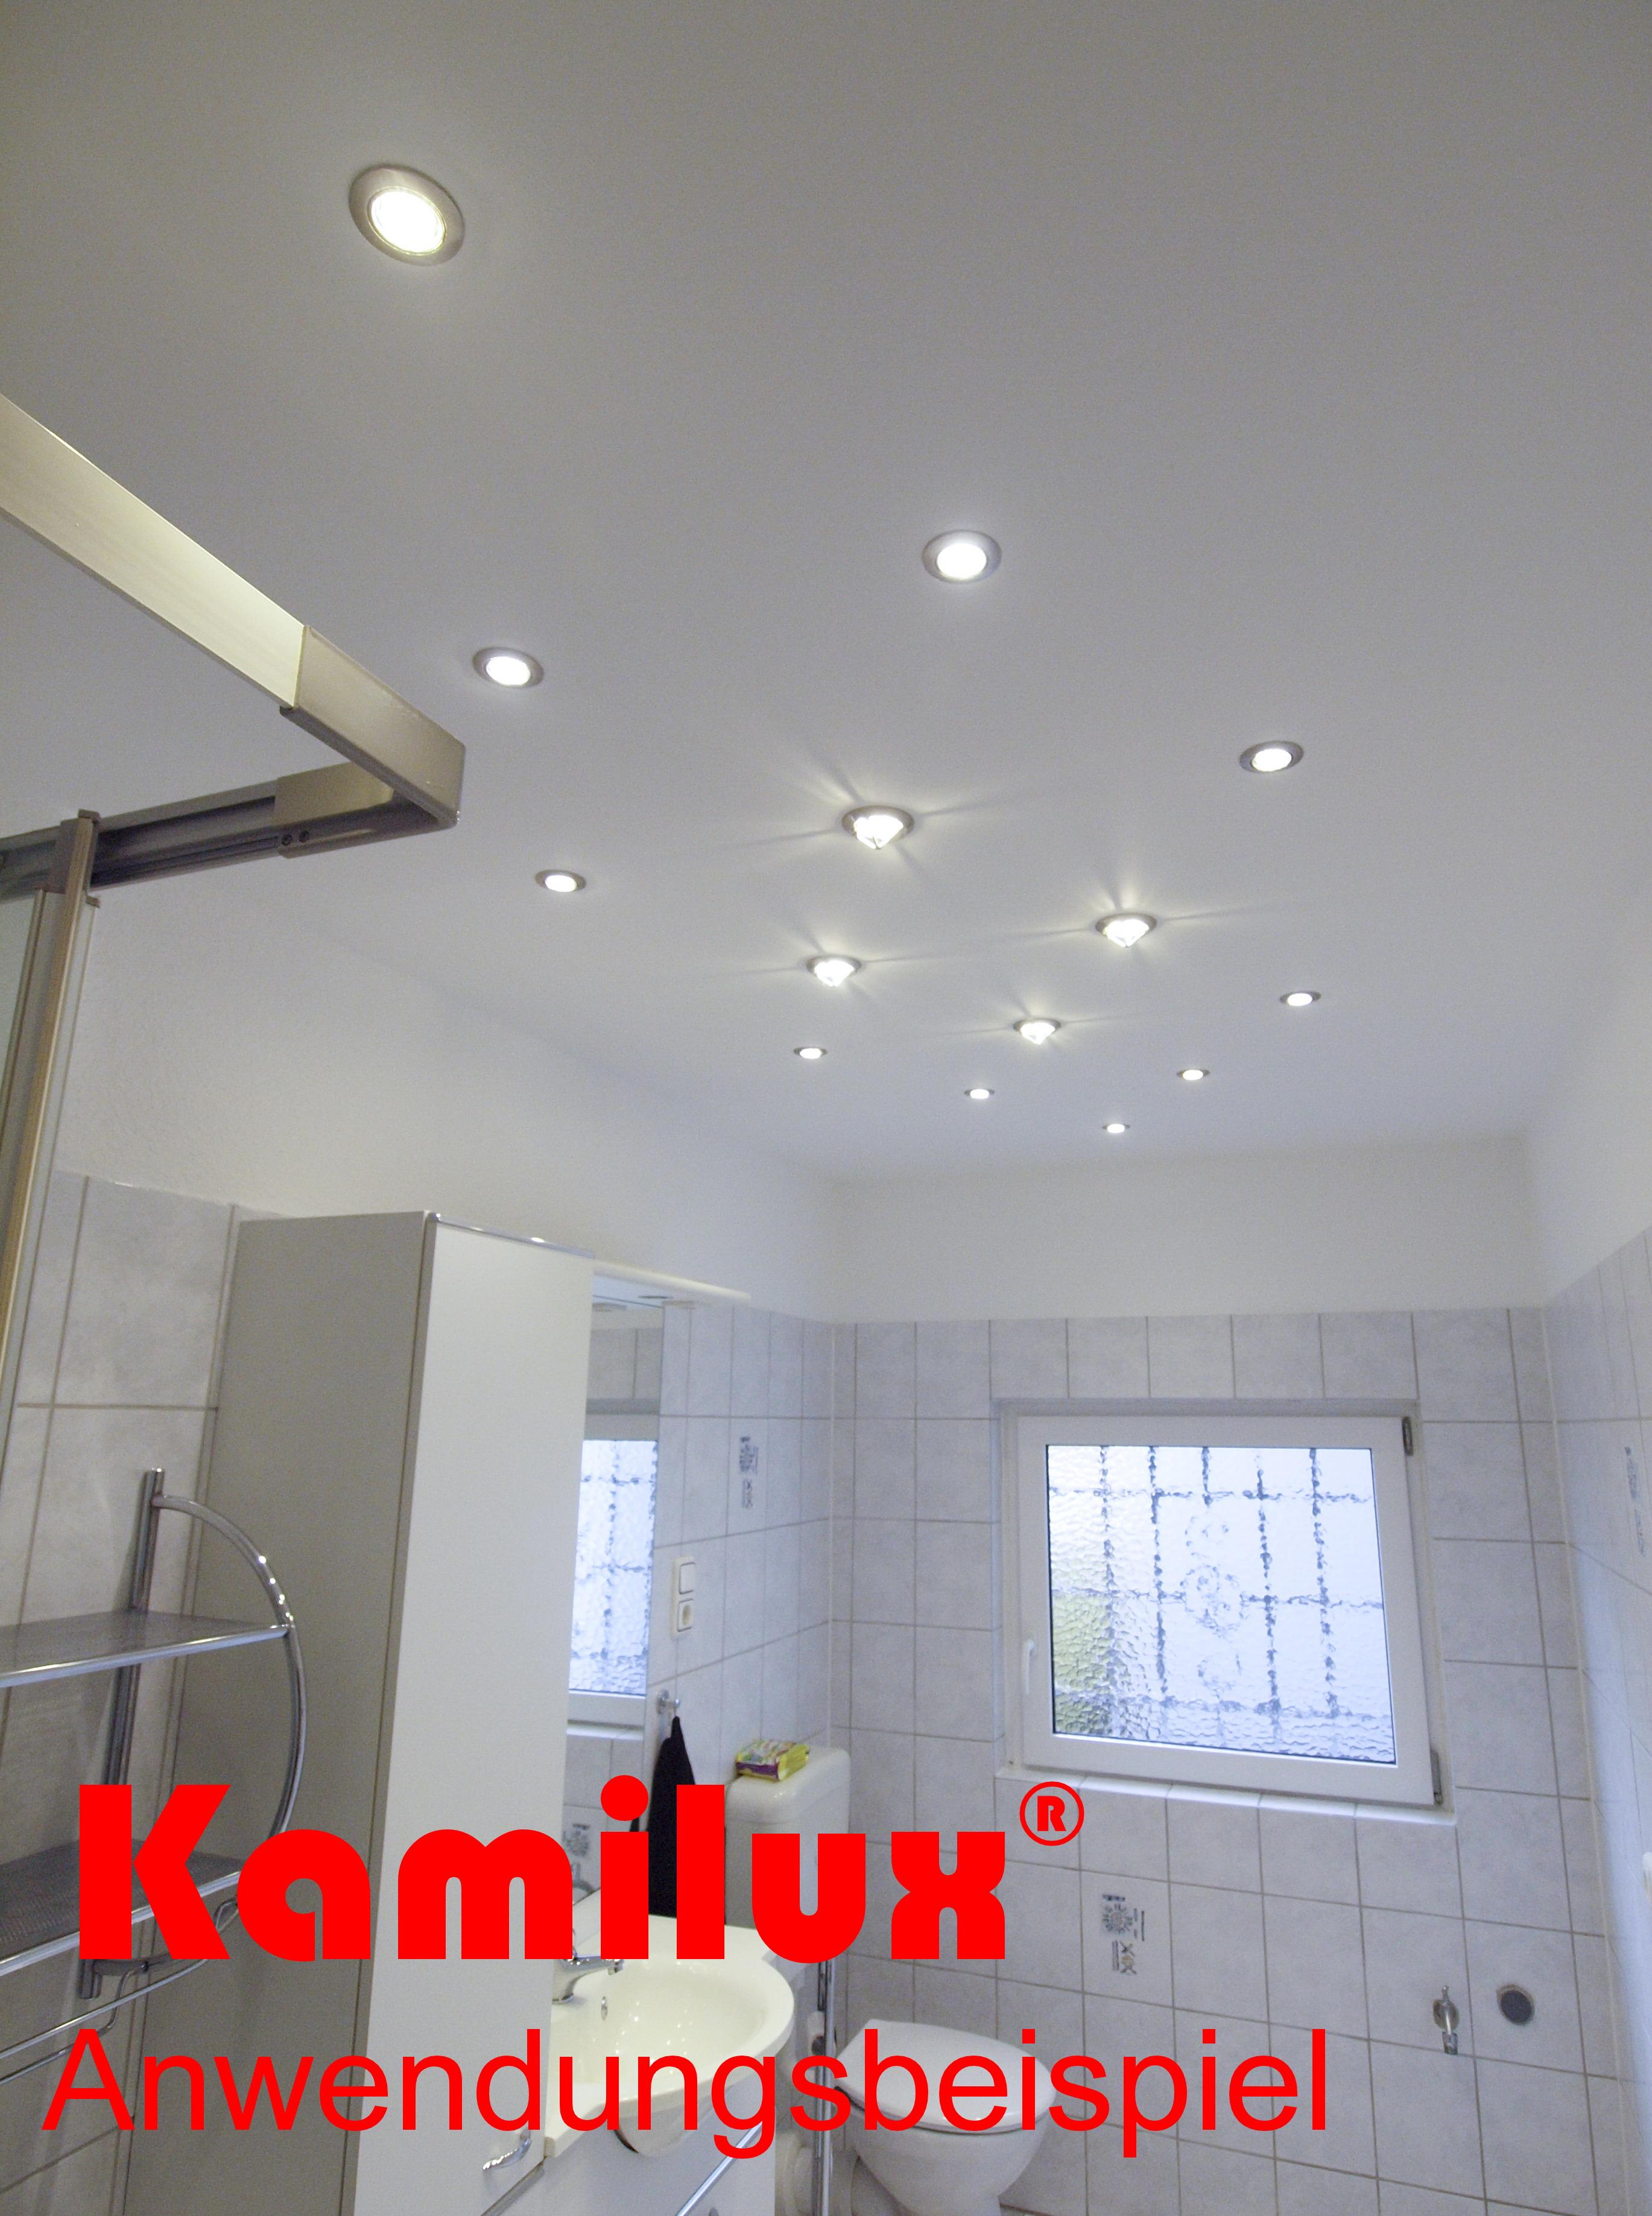 20 x LED Lichtpunkte Sternenhimmel LED Strahler LED Spots 20V IP20  wasserdicht +LED Steckernetzgerät